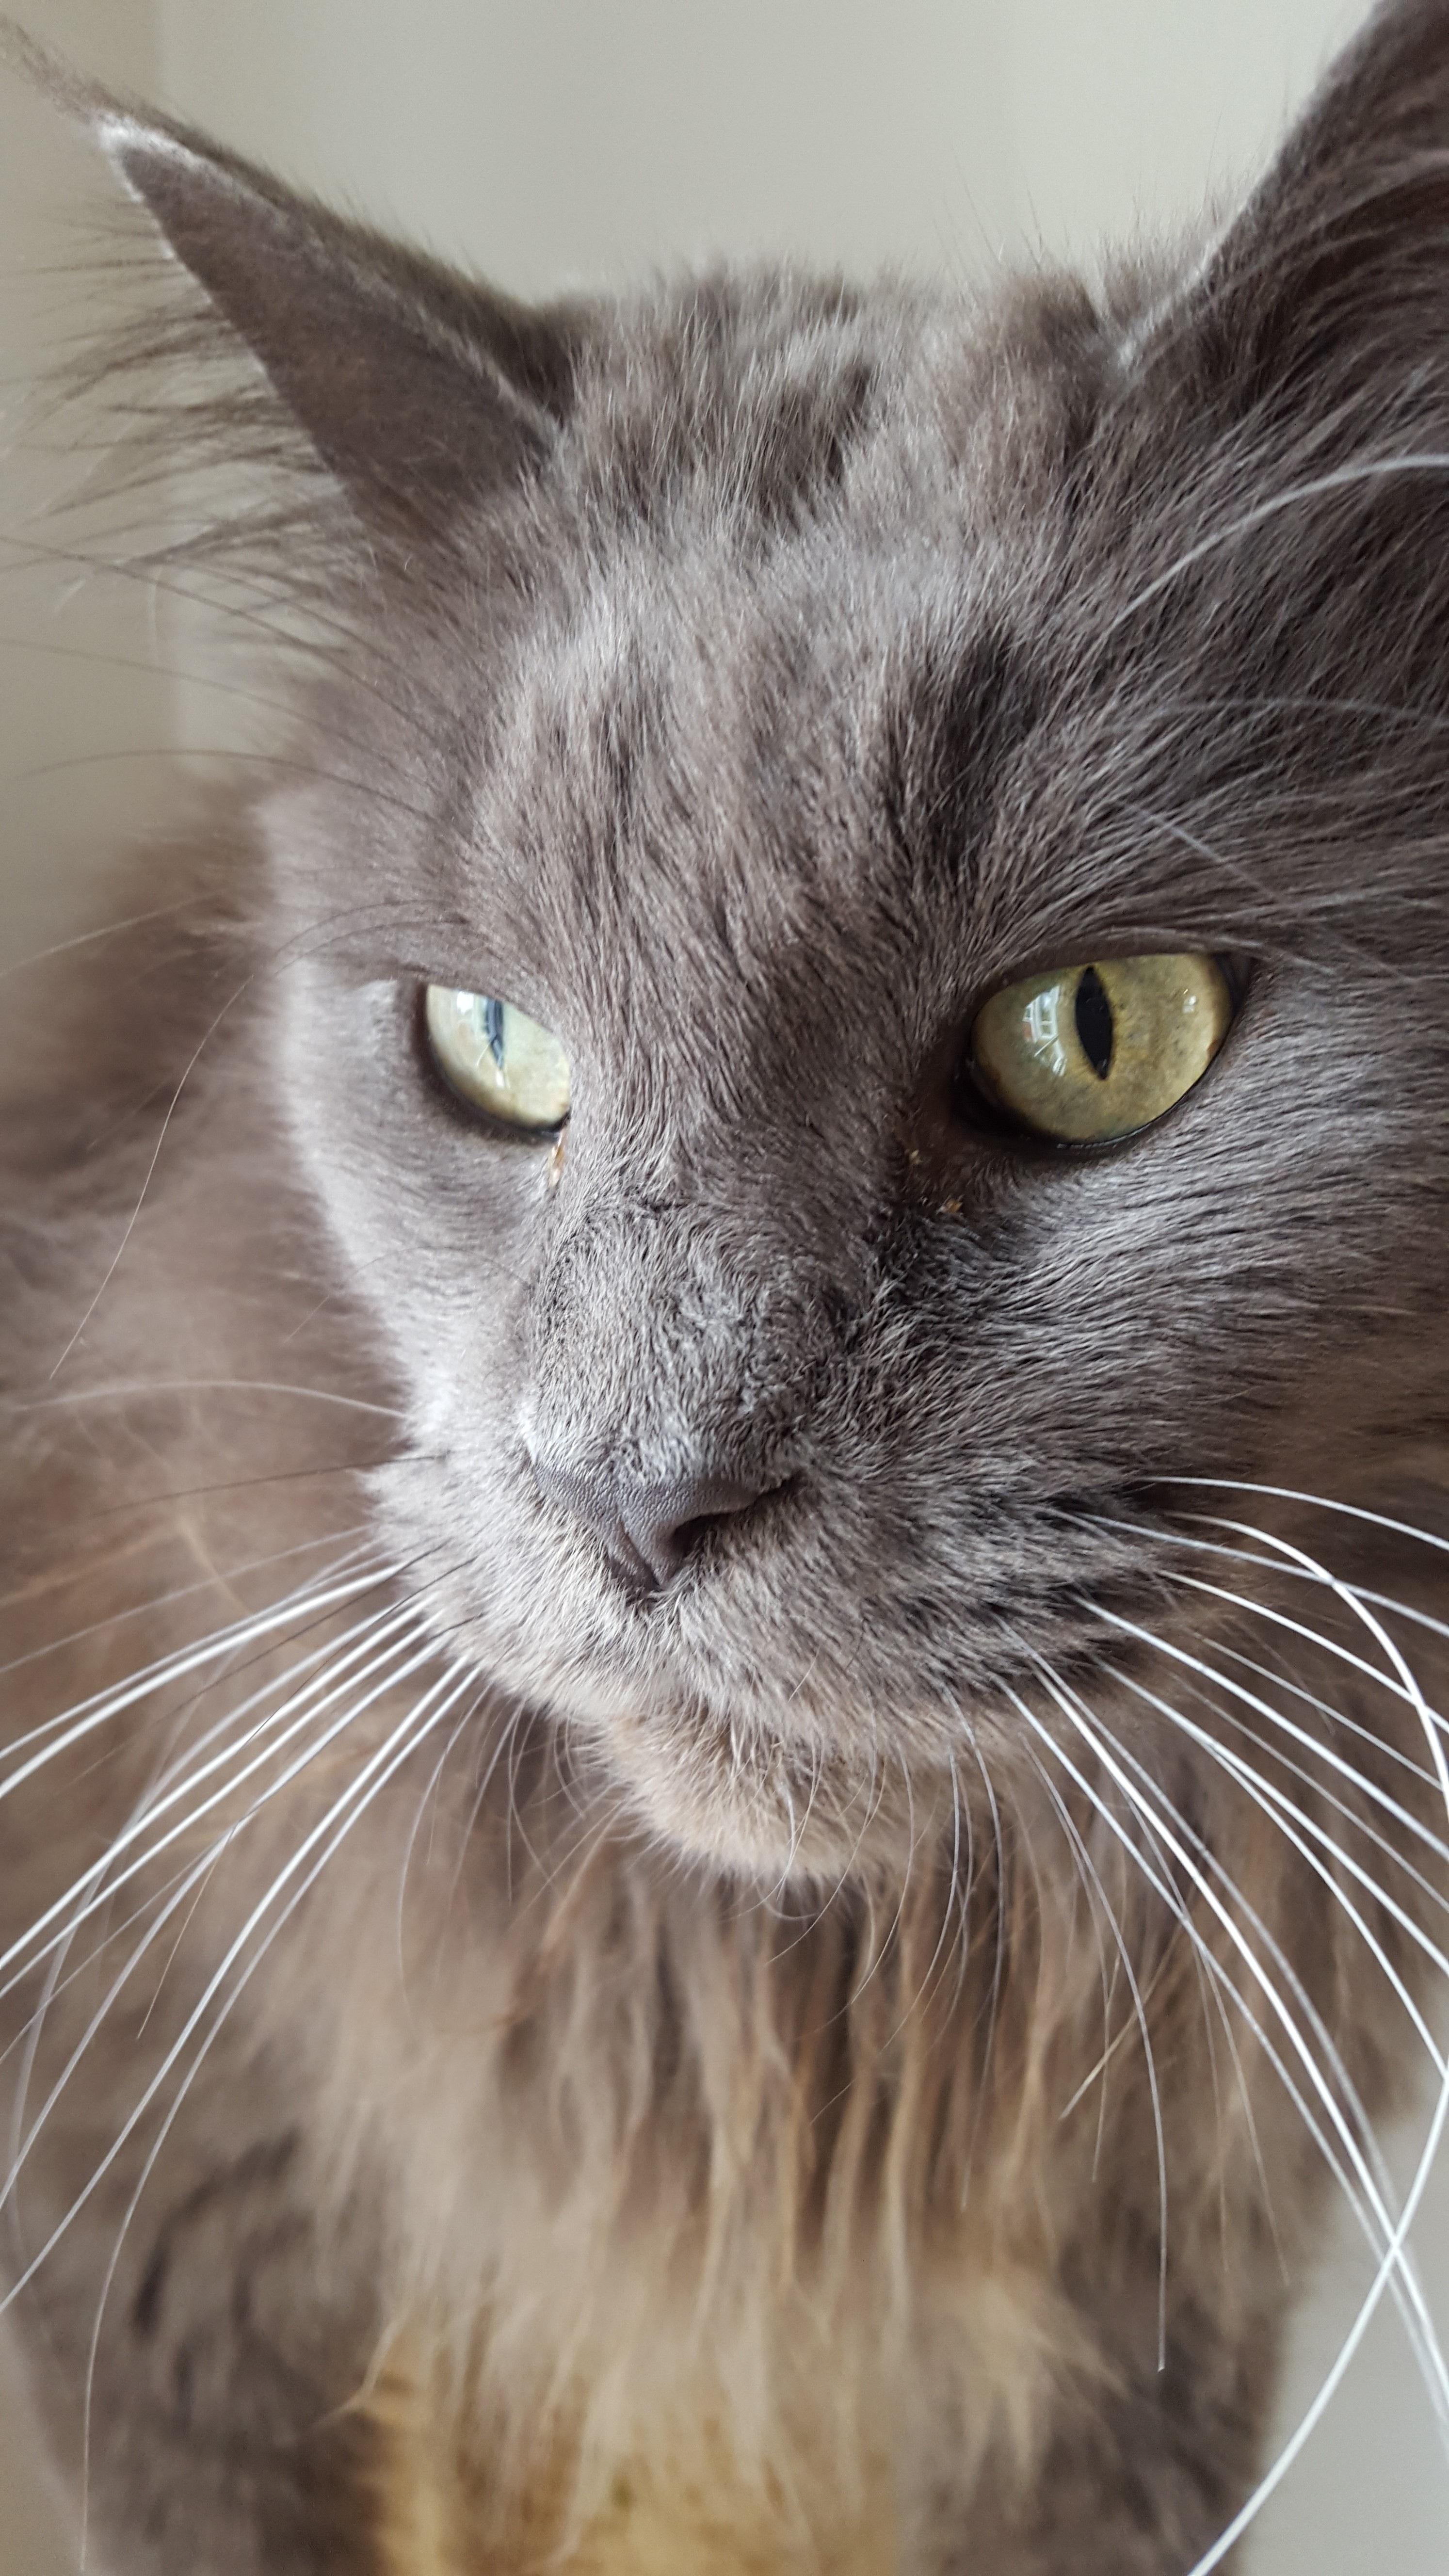 Images Gratuites  chat, gris, fermer, nez, moustaches, animaux, vertébré,  Maine coon, Chat norvégien de forêt, Europeen shorthair, Petits à moyens  chats,